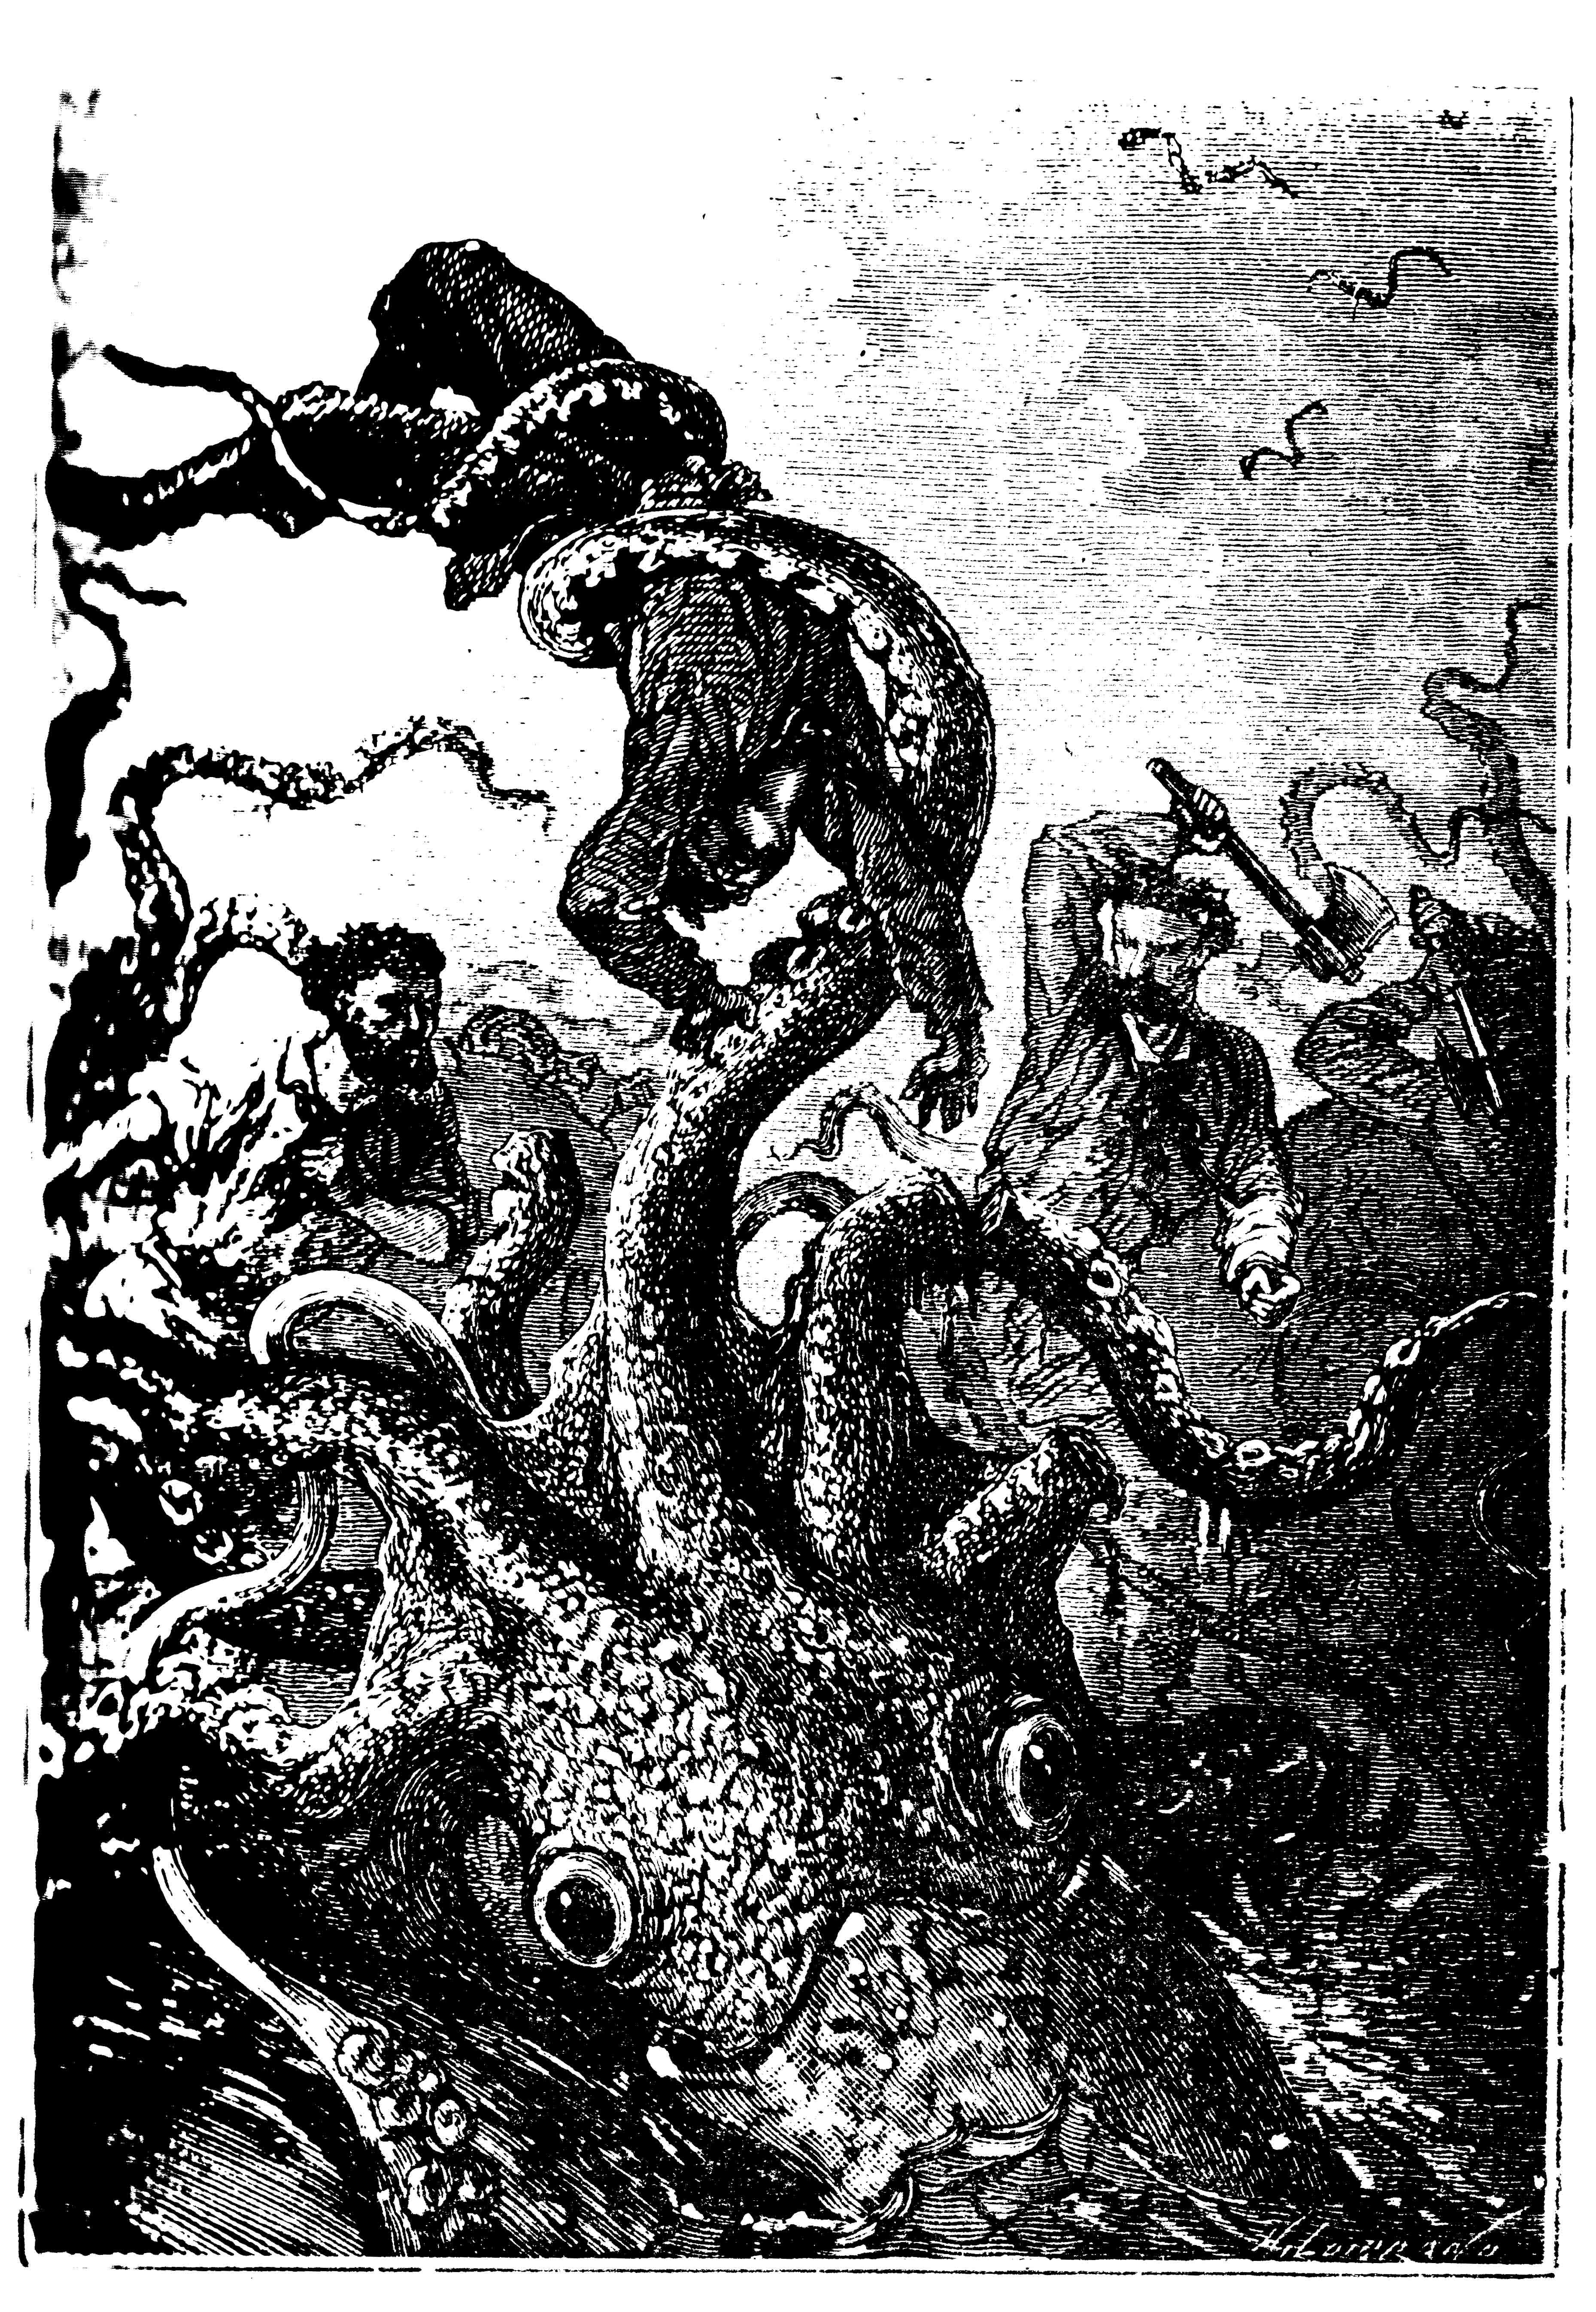 Le poulpe brandissait la victime comme une plume - Vingt mille lieues sous les mers.jpg